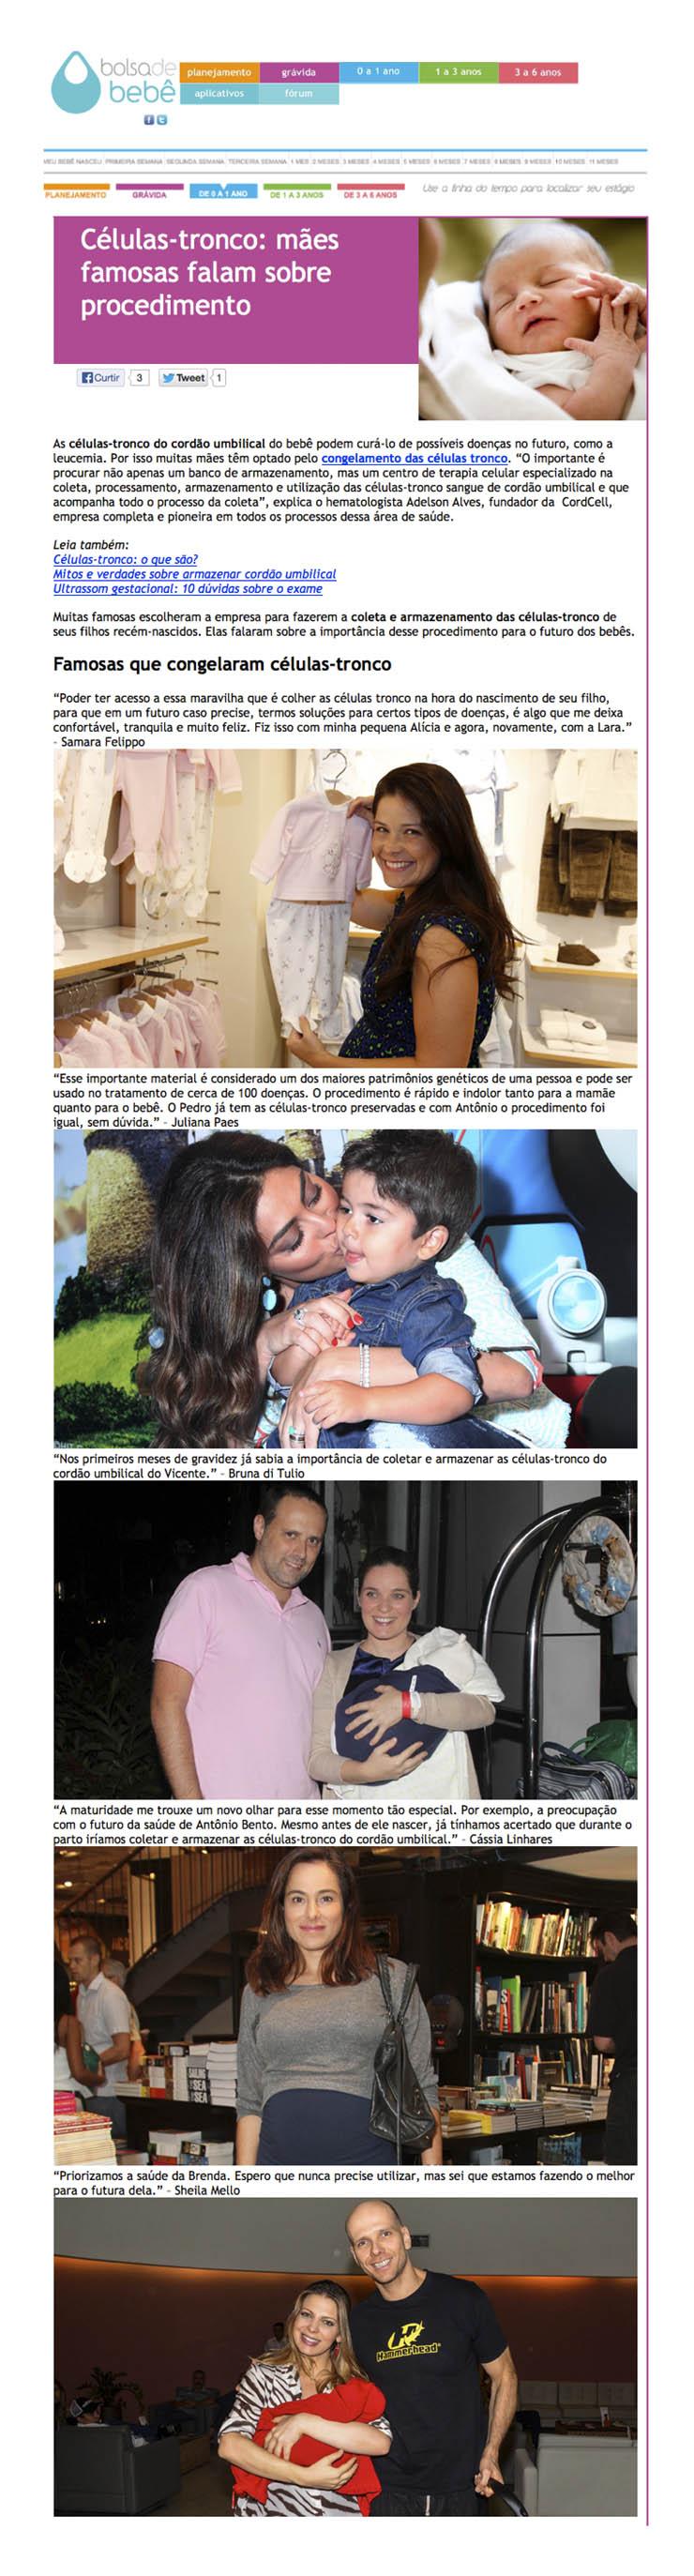 Publicação no Site Bolsa de Bebê onde mães famosas falam sobre procedimento de coleta de células-tronco e mencionam CordCell.